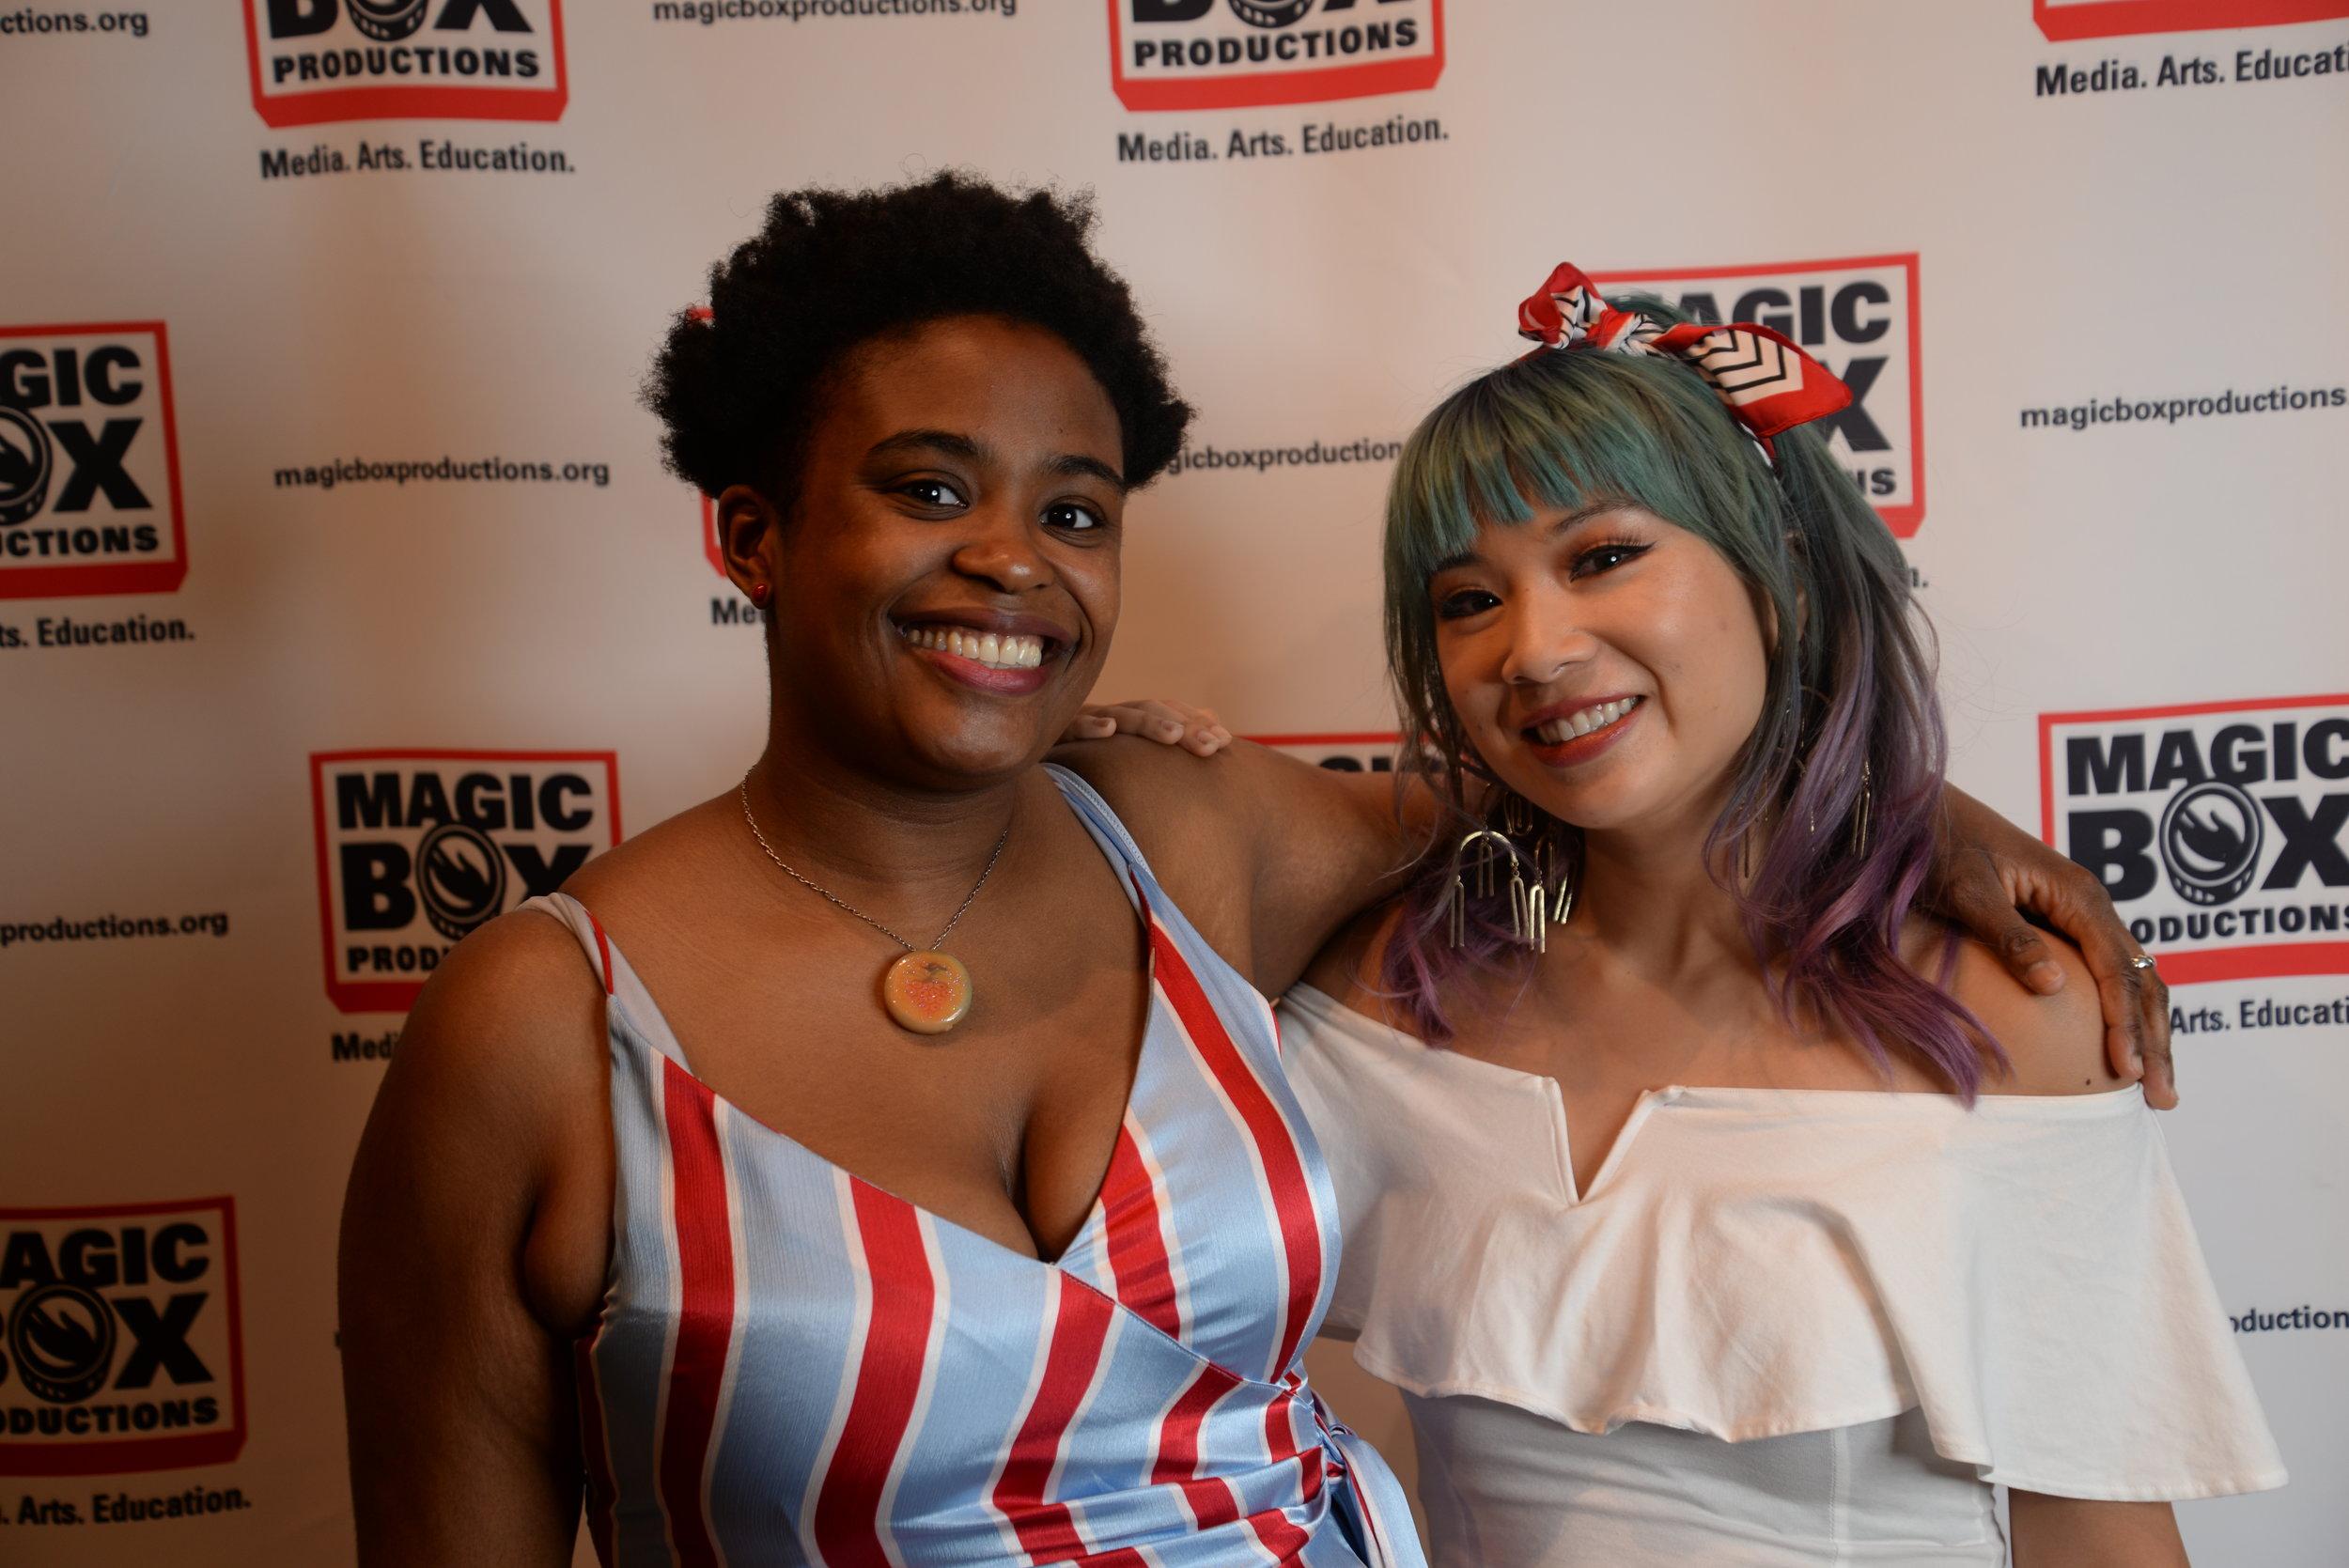 Ariele Jennings & Tiffany Lin